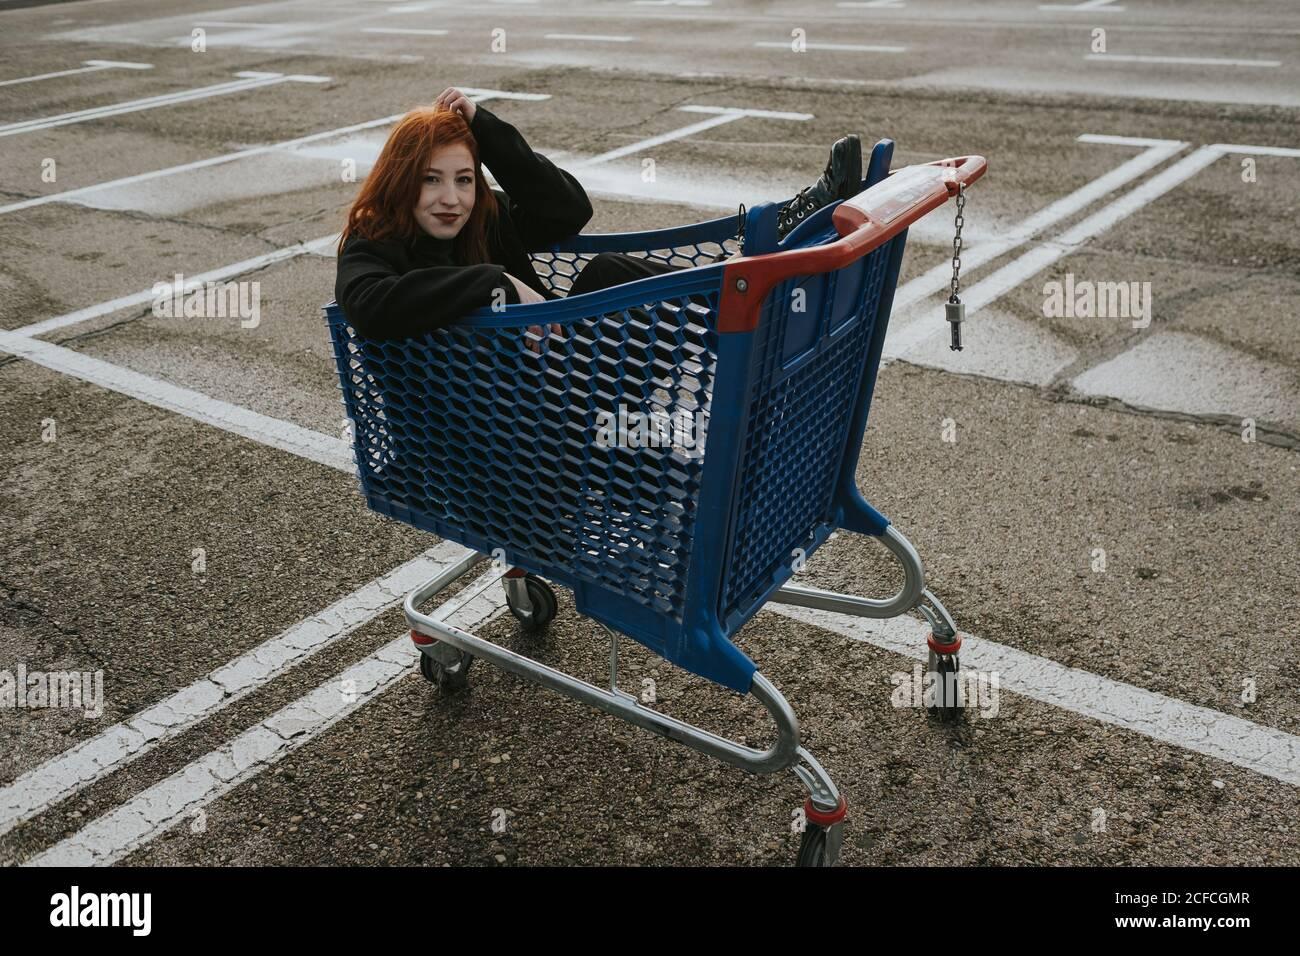 Mujer joven atractiva con pelo rojo en chaqueta negra teniendo diversión sentado en el carrito de compras en el estacionamiento marcado Foto de stock